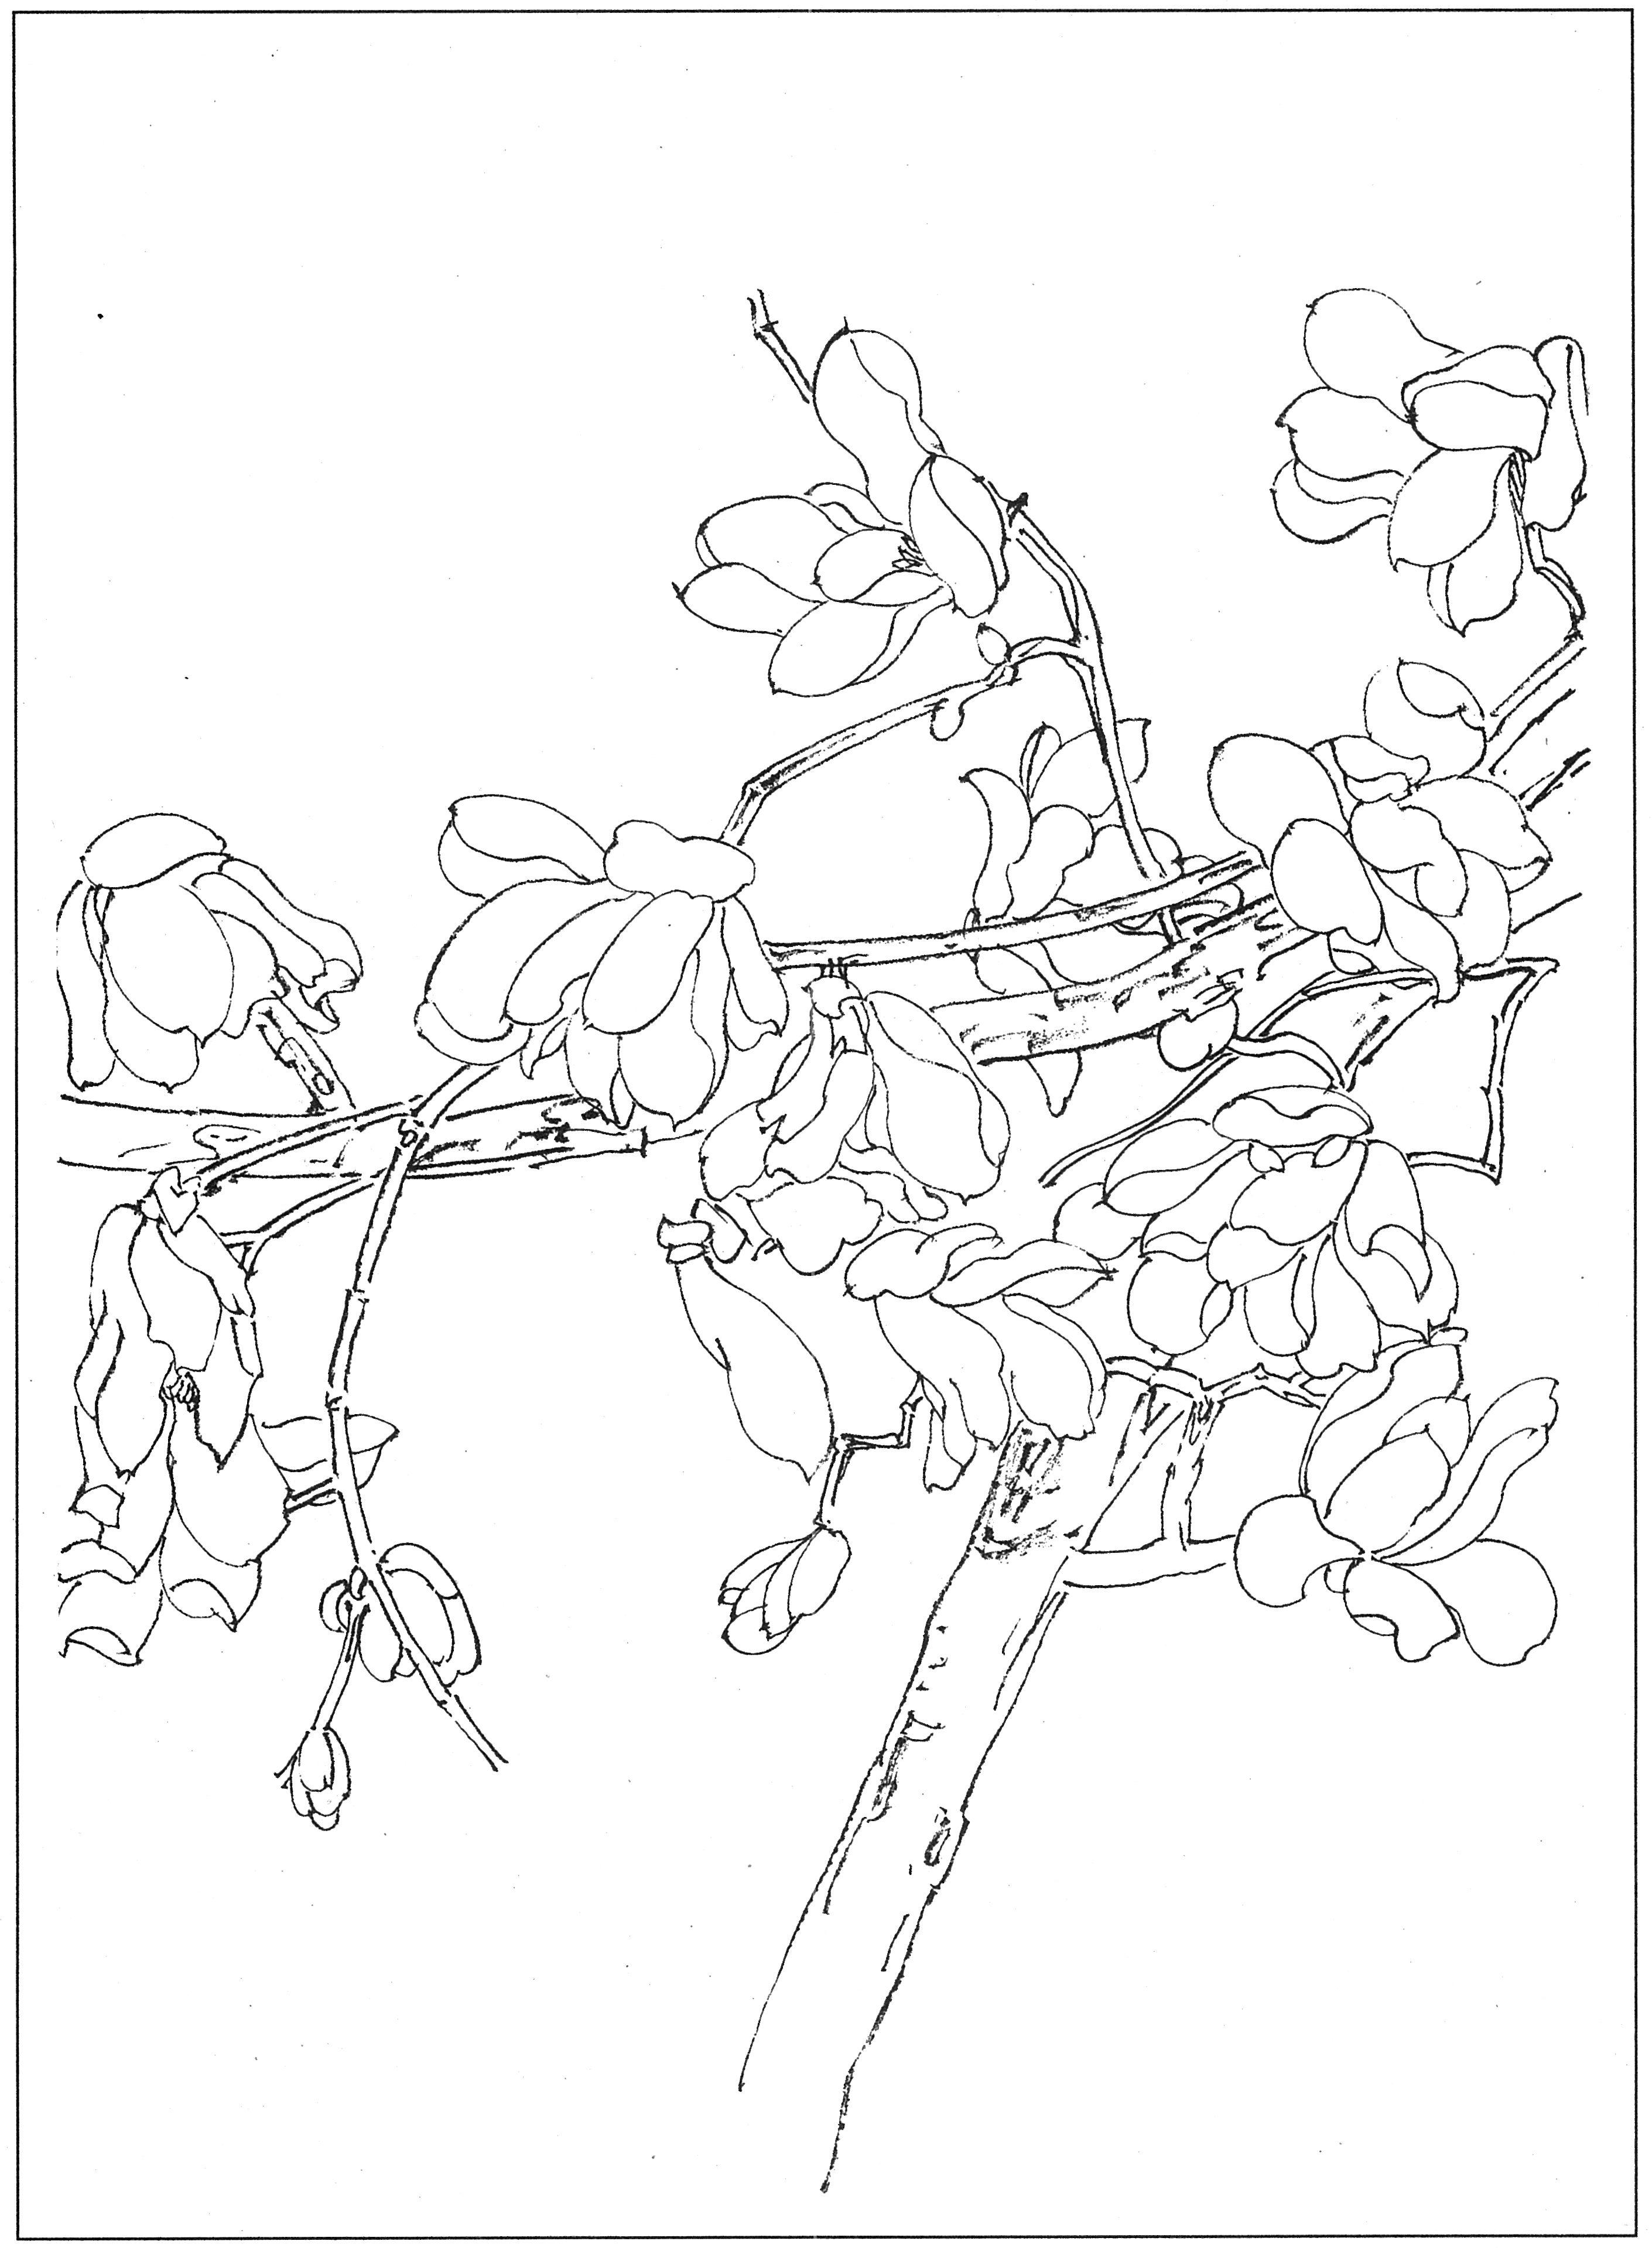 刻玉玲珑,吹兰芬馥,国画白描玉兰花高清素材19幅